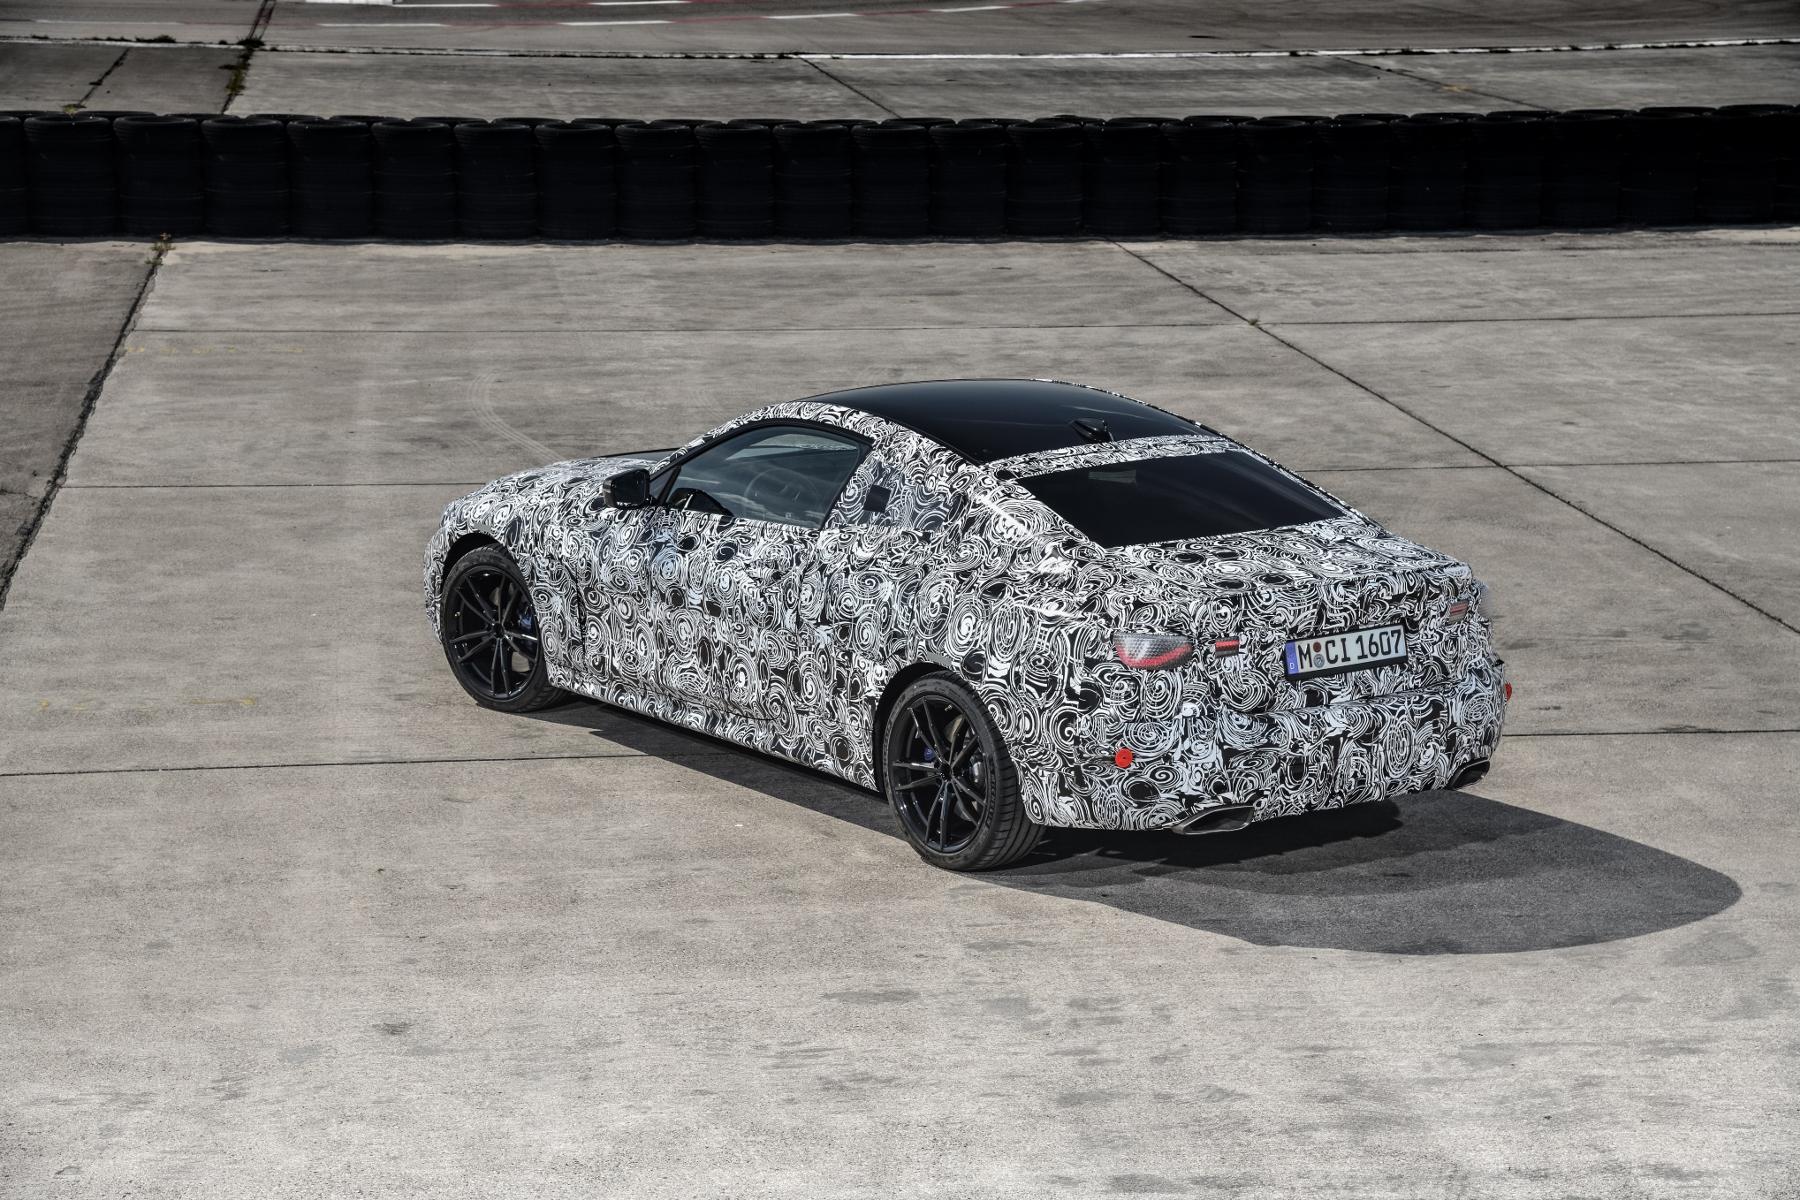 Nové BMW radu 4 Coupé dostane športovejší podvozok XUit9XiGSv bmw-4-coupe-19